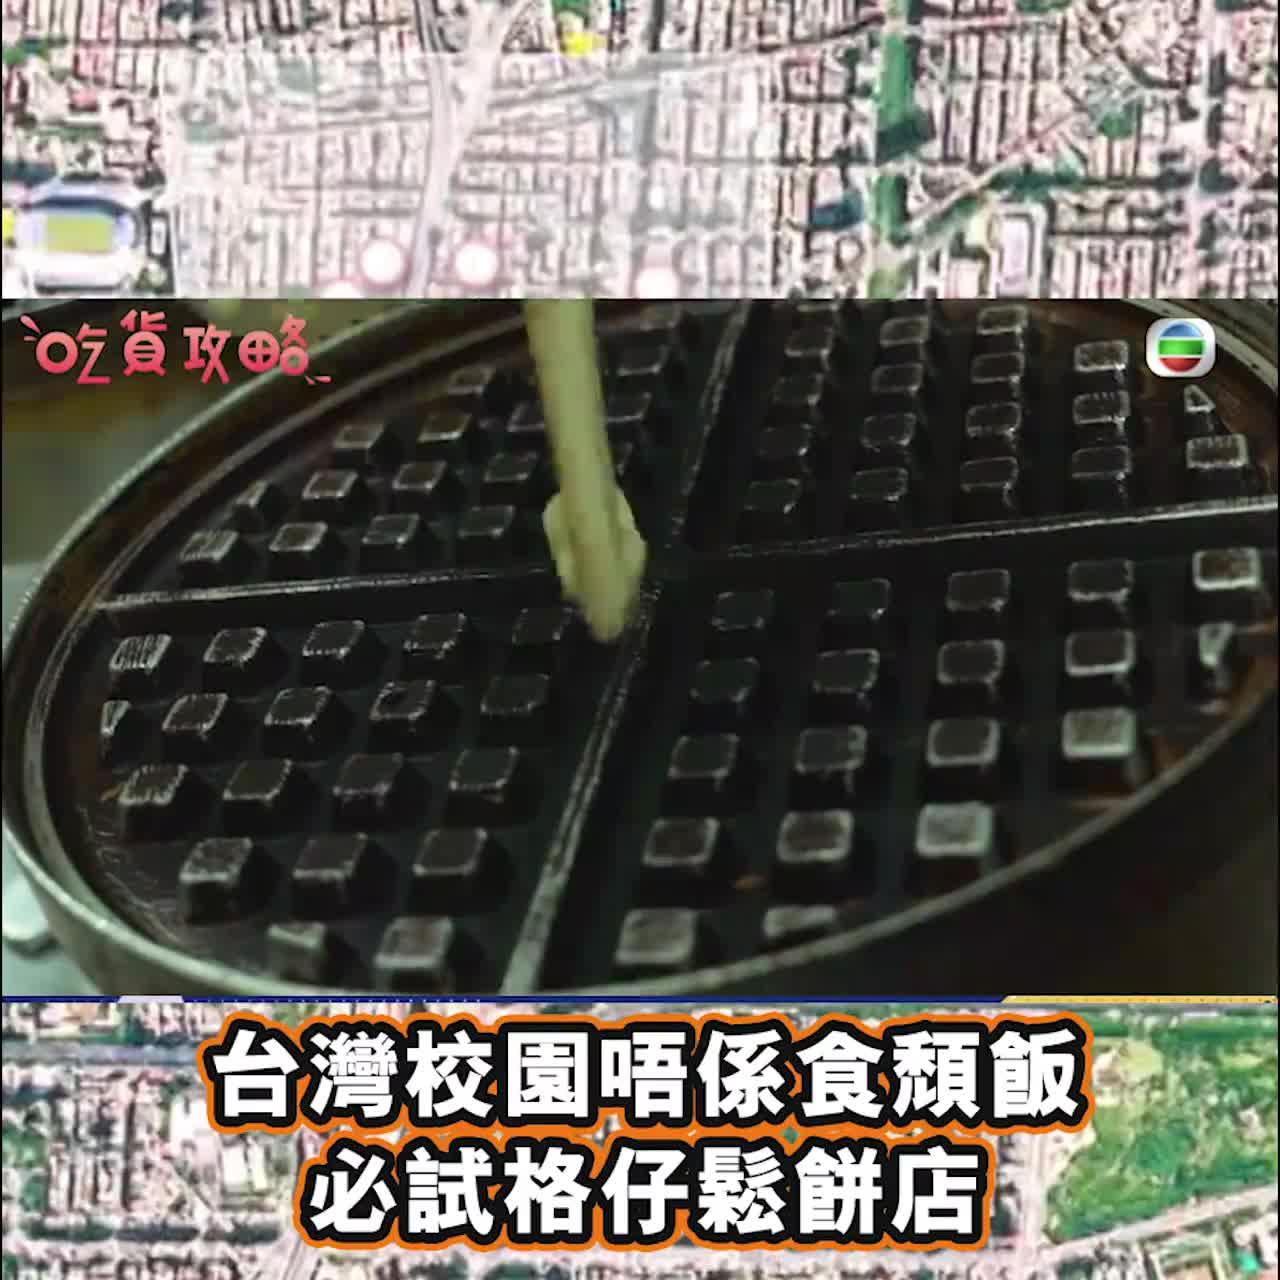 台灣校園唔係食頹飯 必試格仔鬆餅店